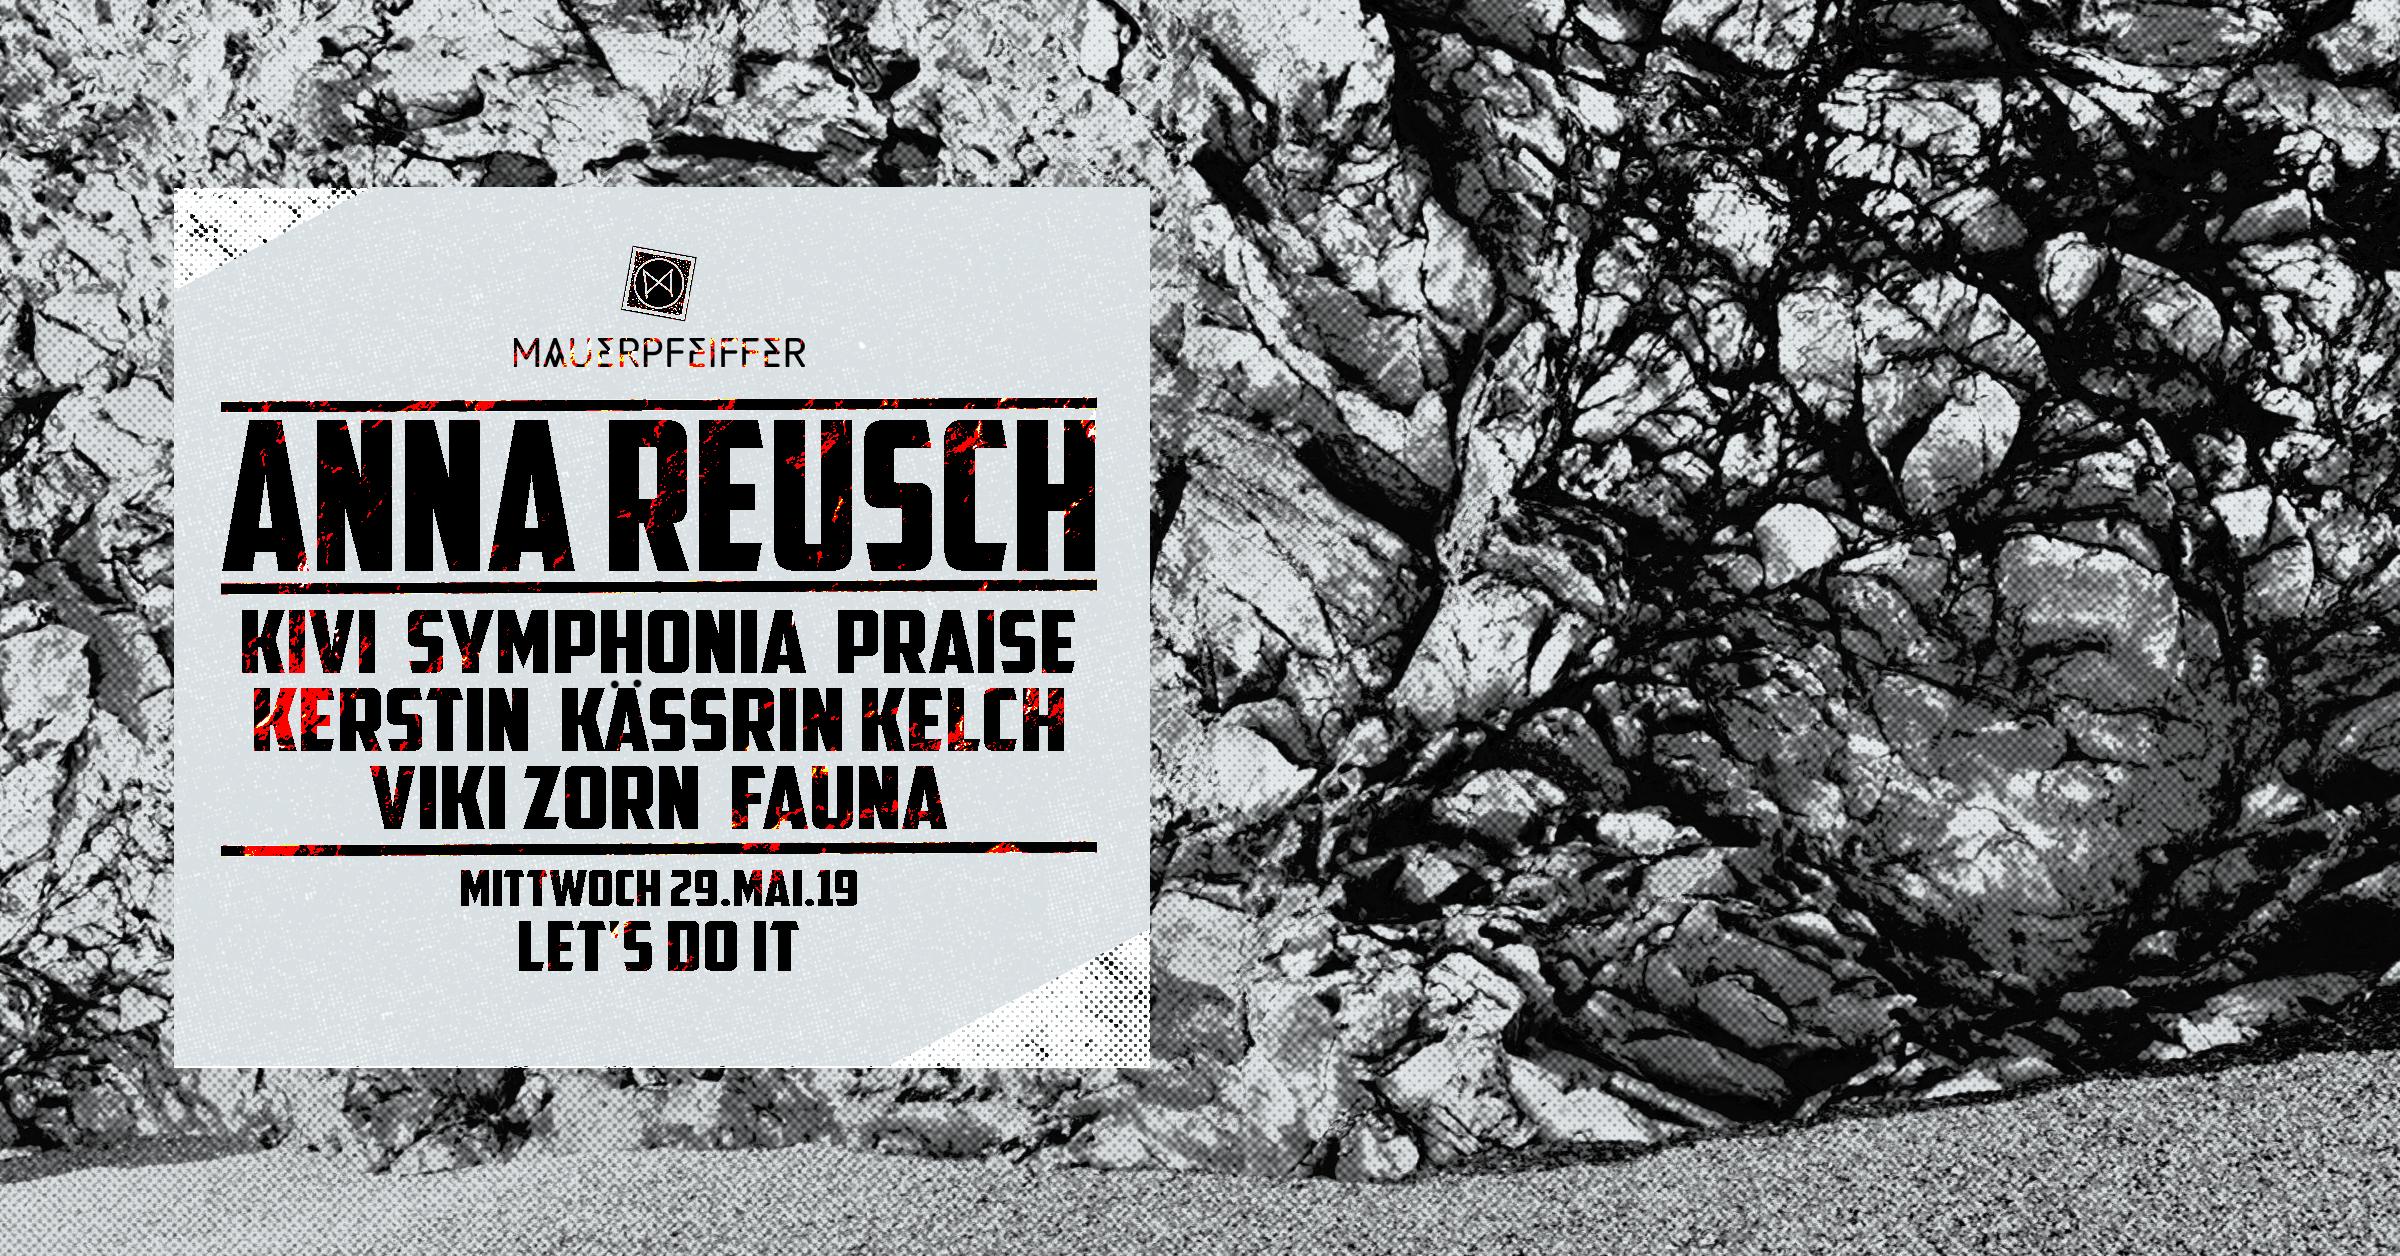 Let's do it - Anna Reusch, Kivi, Praise uvm.